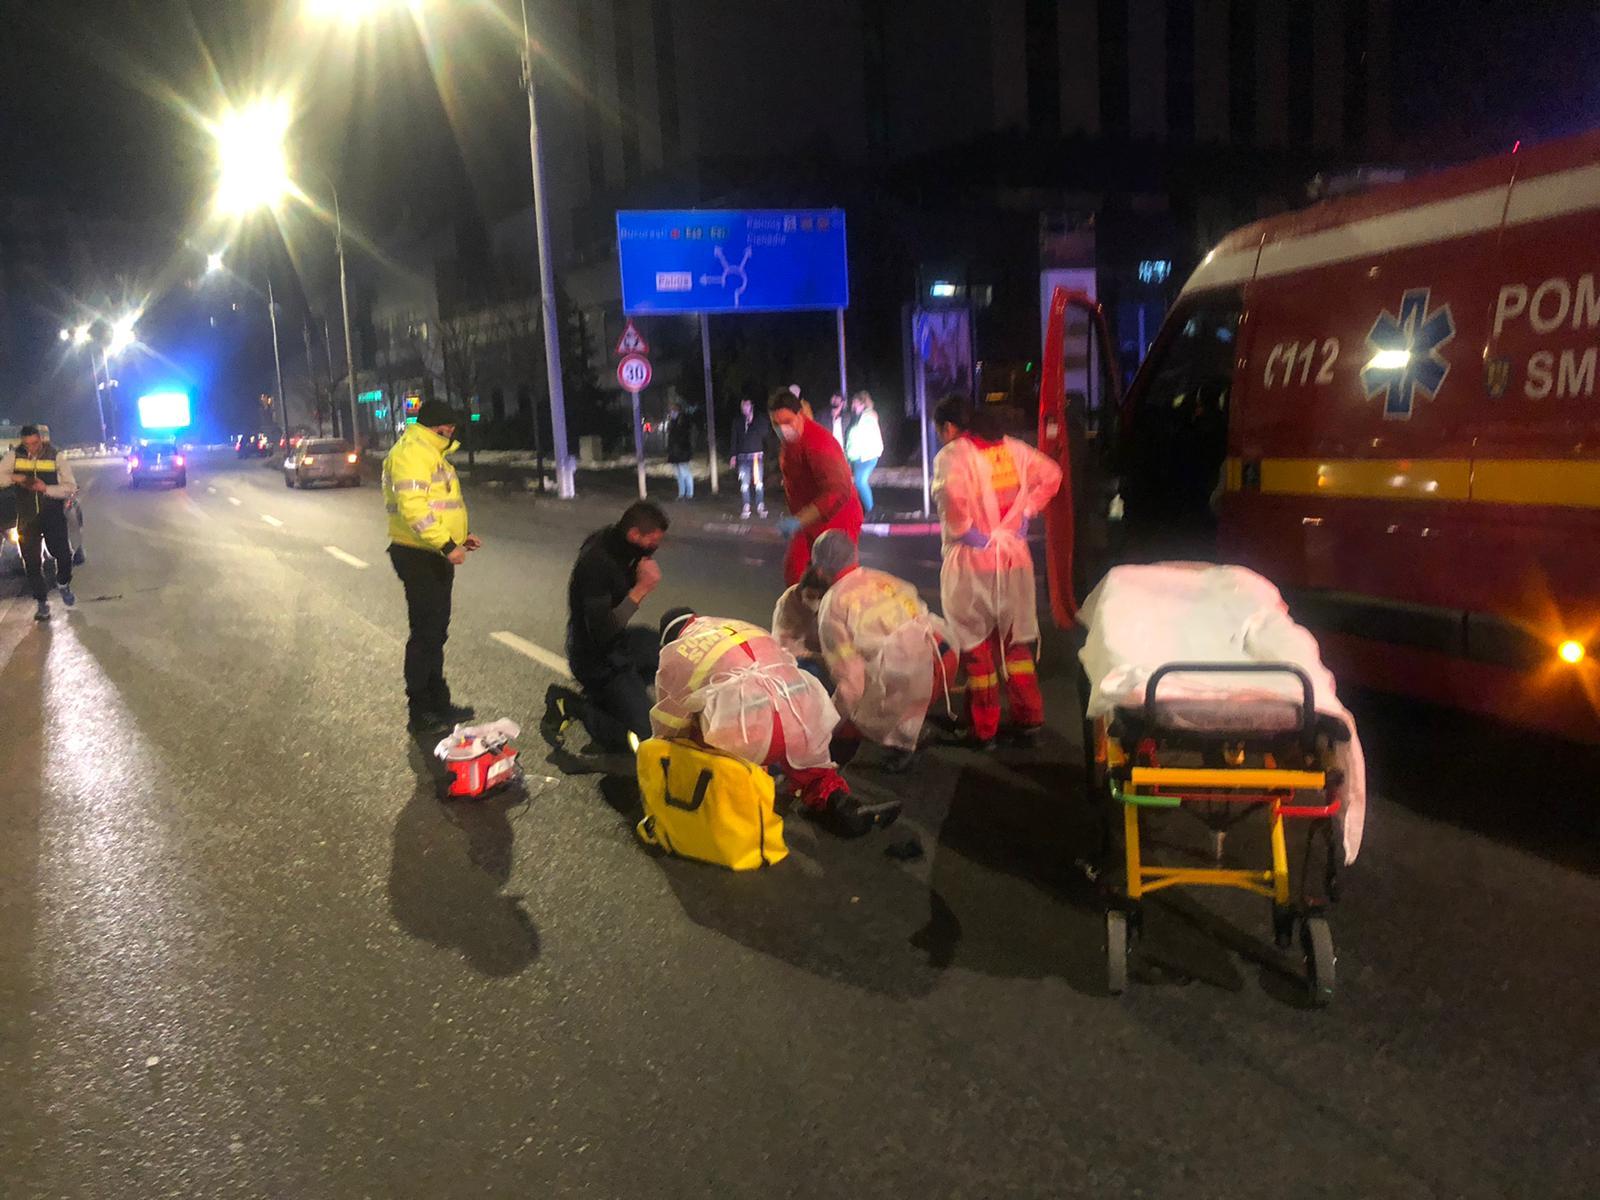 Pieton lovit de mașină în Piața Unirii. În loc să folosească pasajul, a vrut să traverseze printre mașini